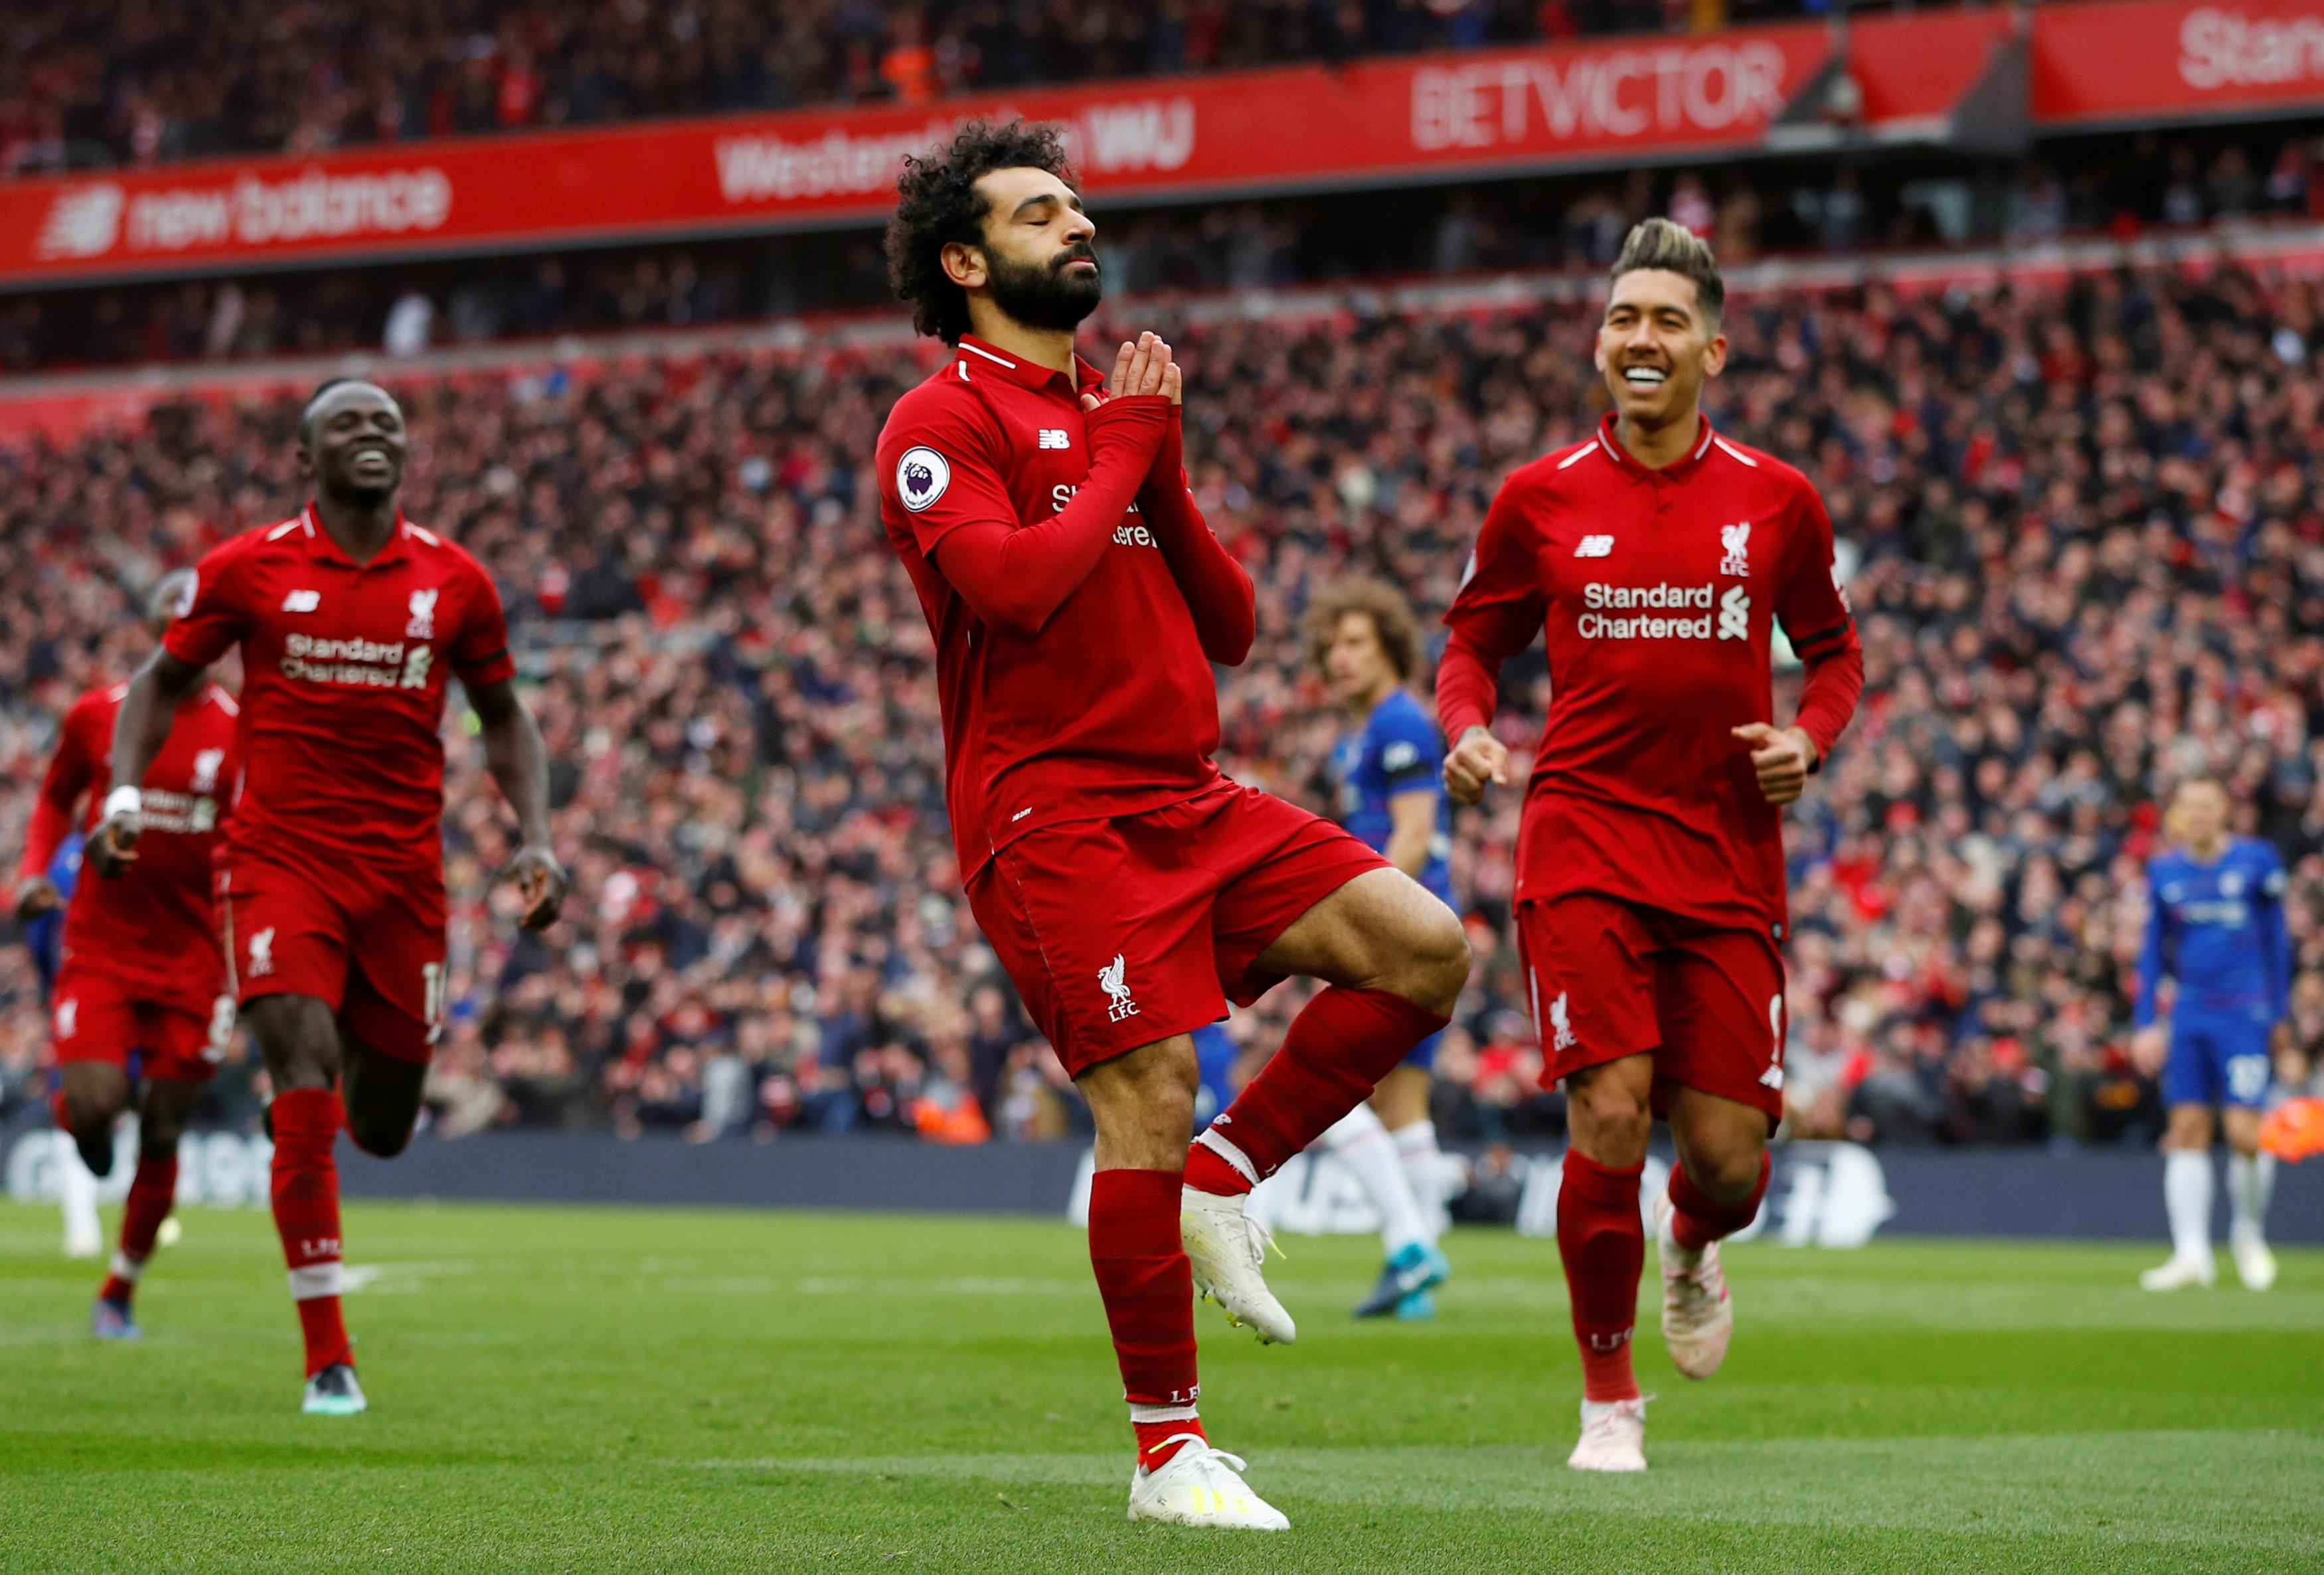 Chelsea vs Liverpool : Last 5 meetings